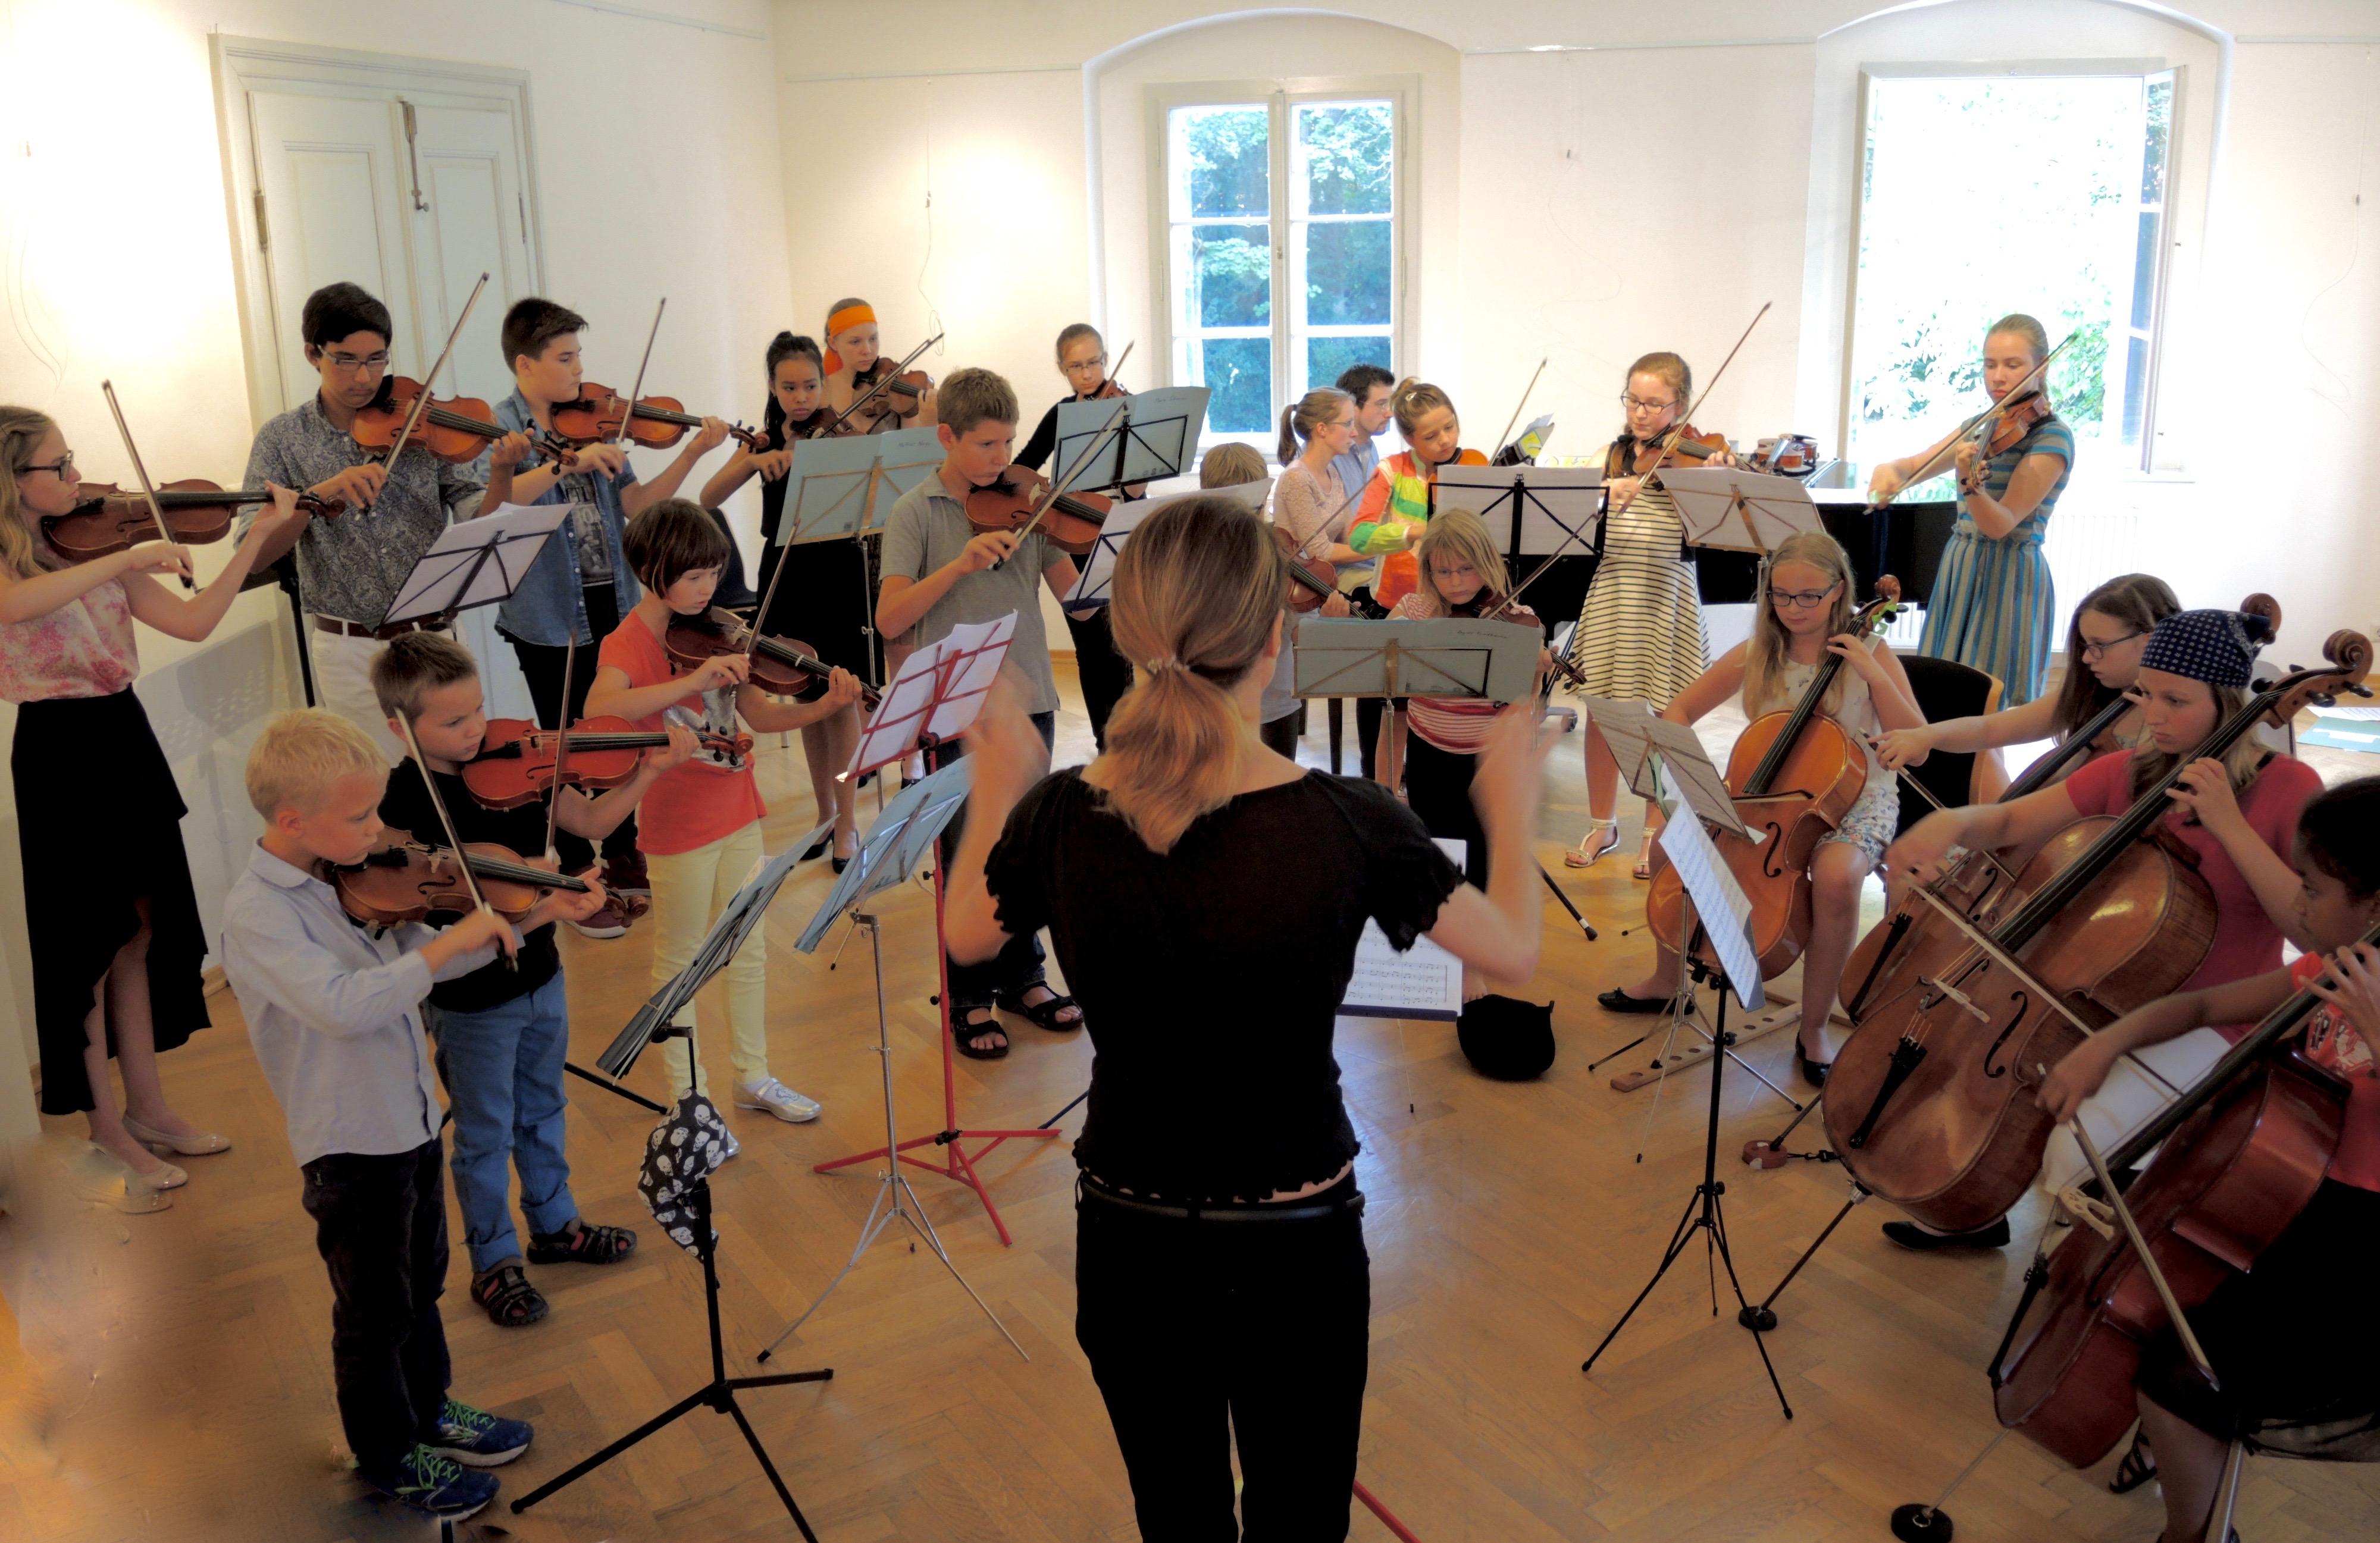 Musikwerkstatt des FORUM Bad Fischau-Brunn